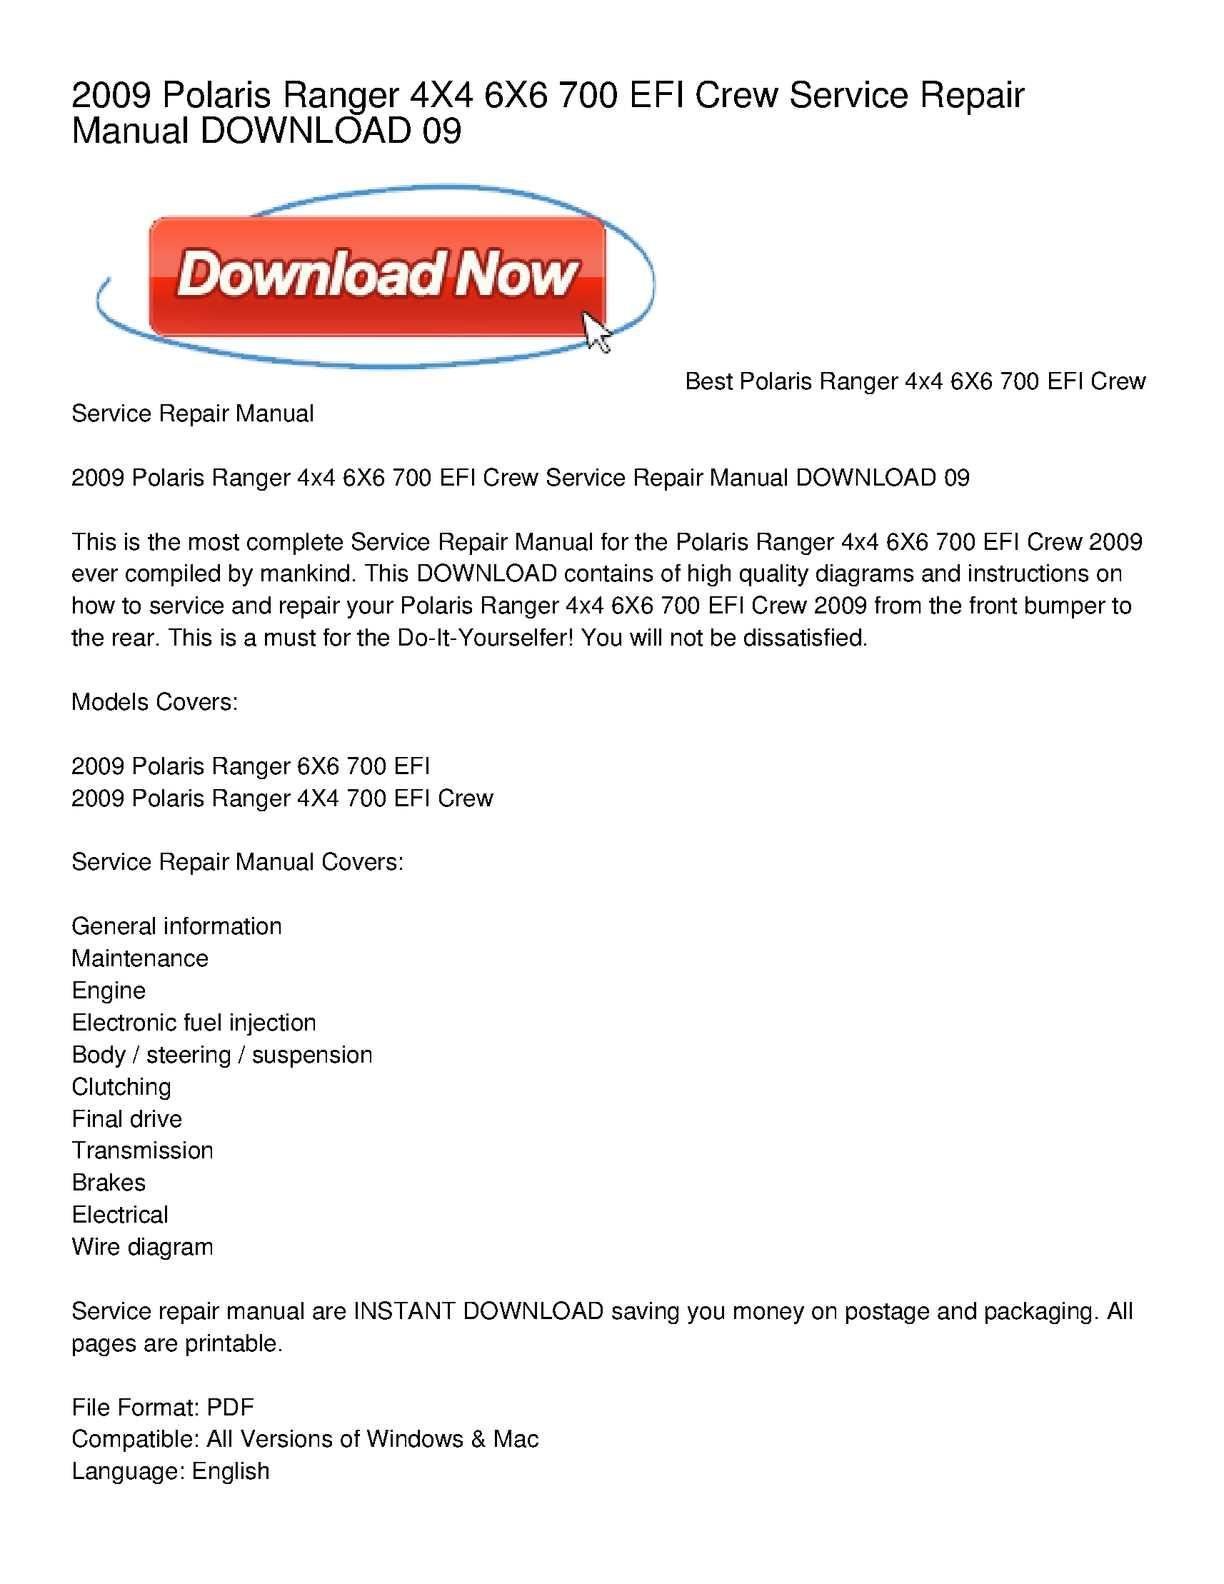 calam�o - 2009 polaris ranger 4x4 6x6 700 efi crew service repair manual  download 09